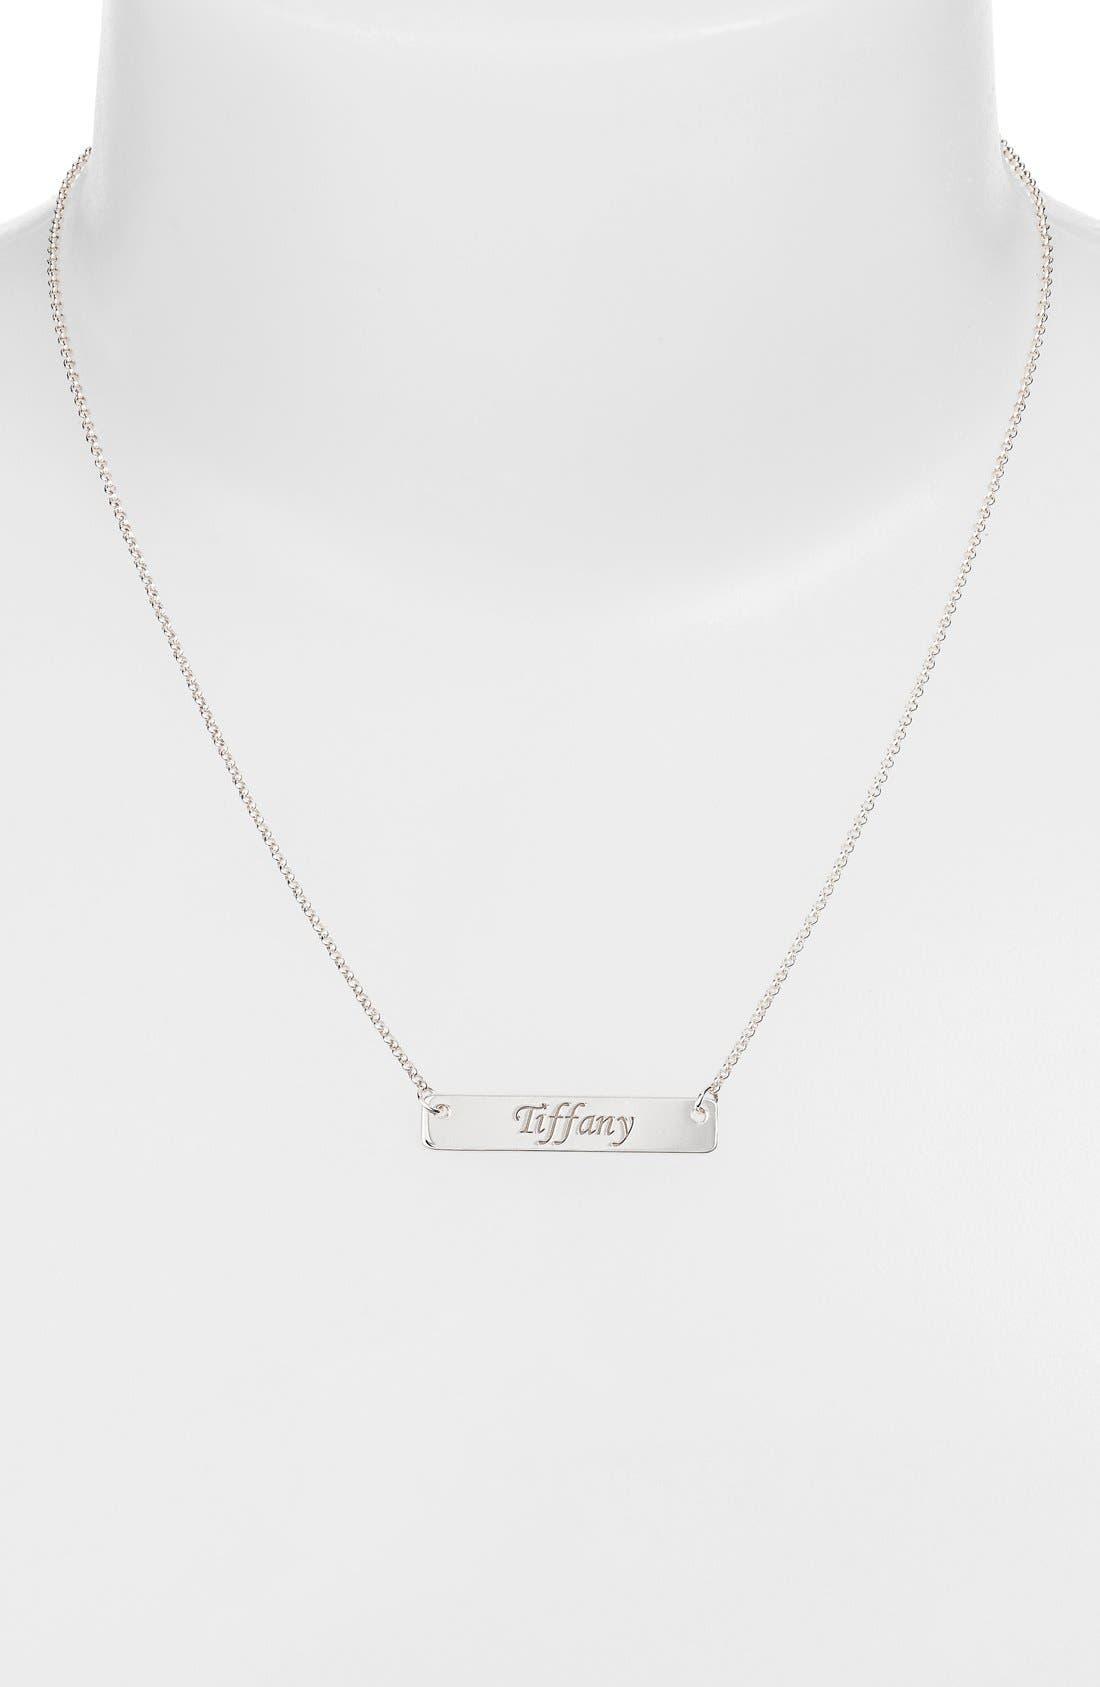 Personalized Script Bar Pendant Necklace,                             Alternate thumbnail 2, color,                             Silver